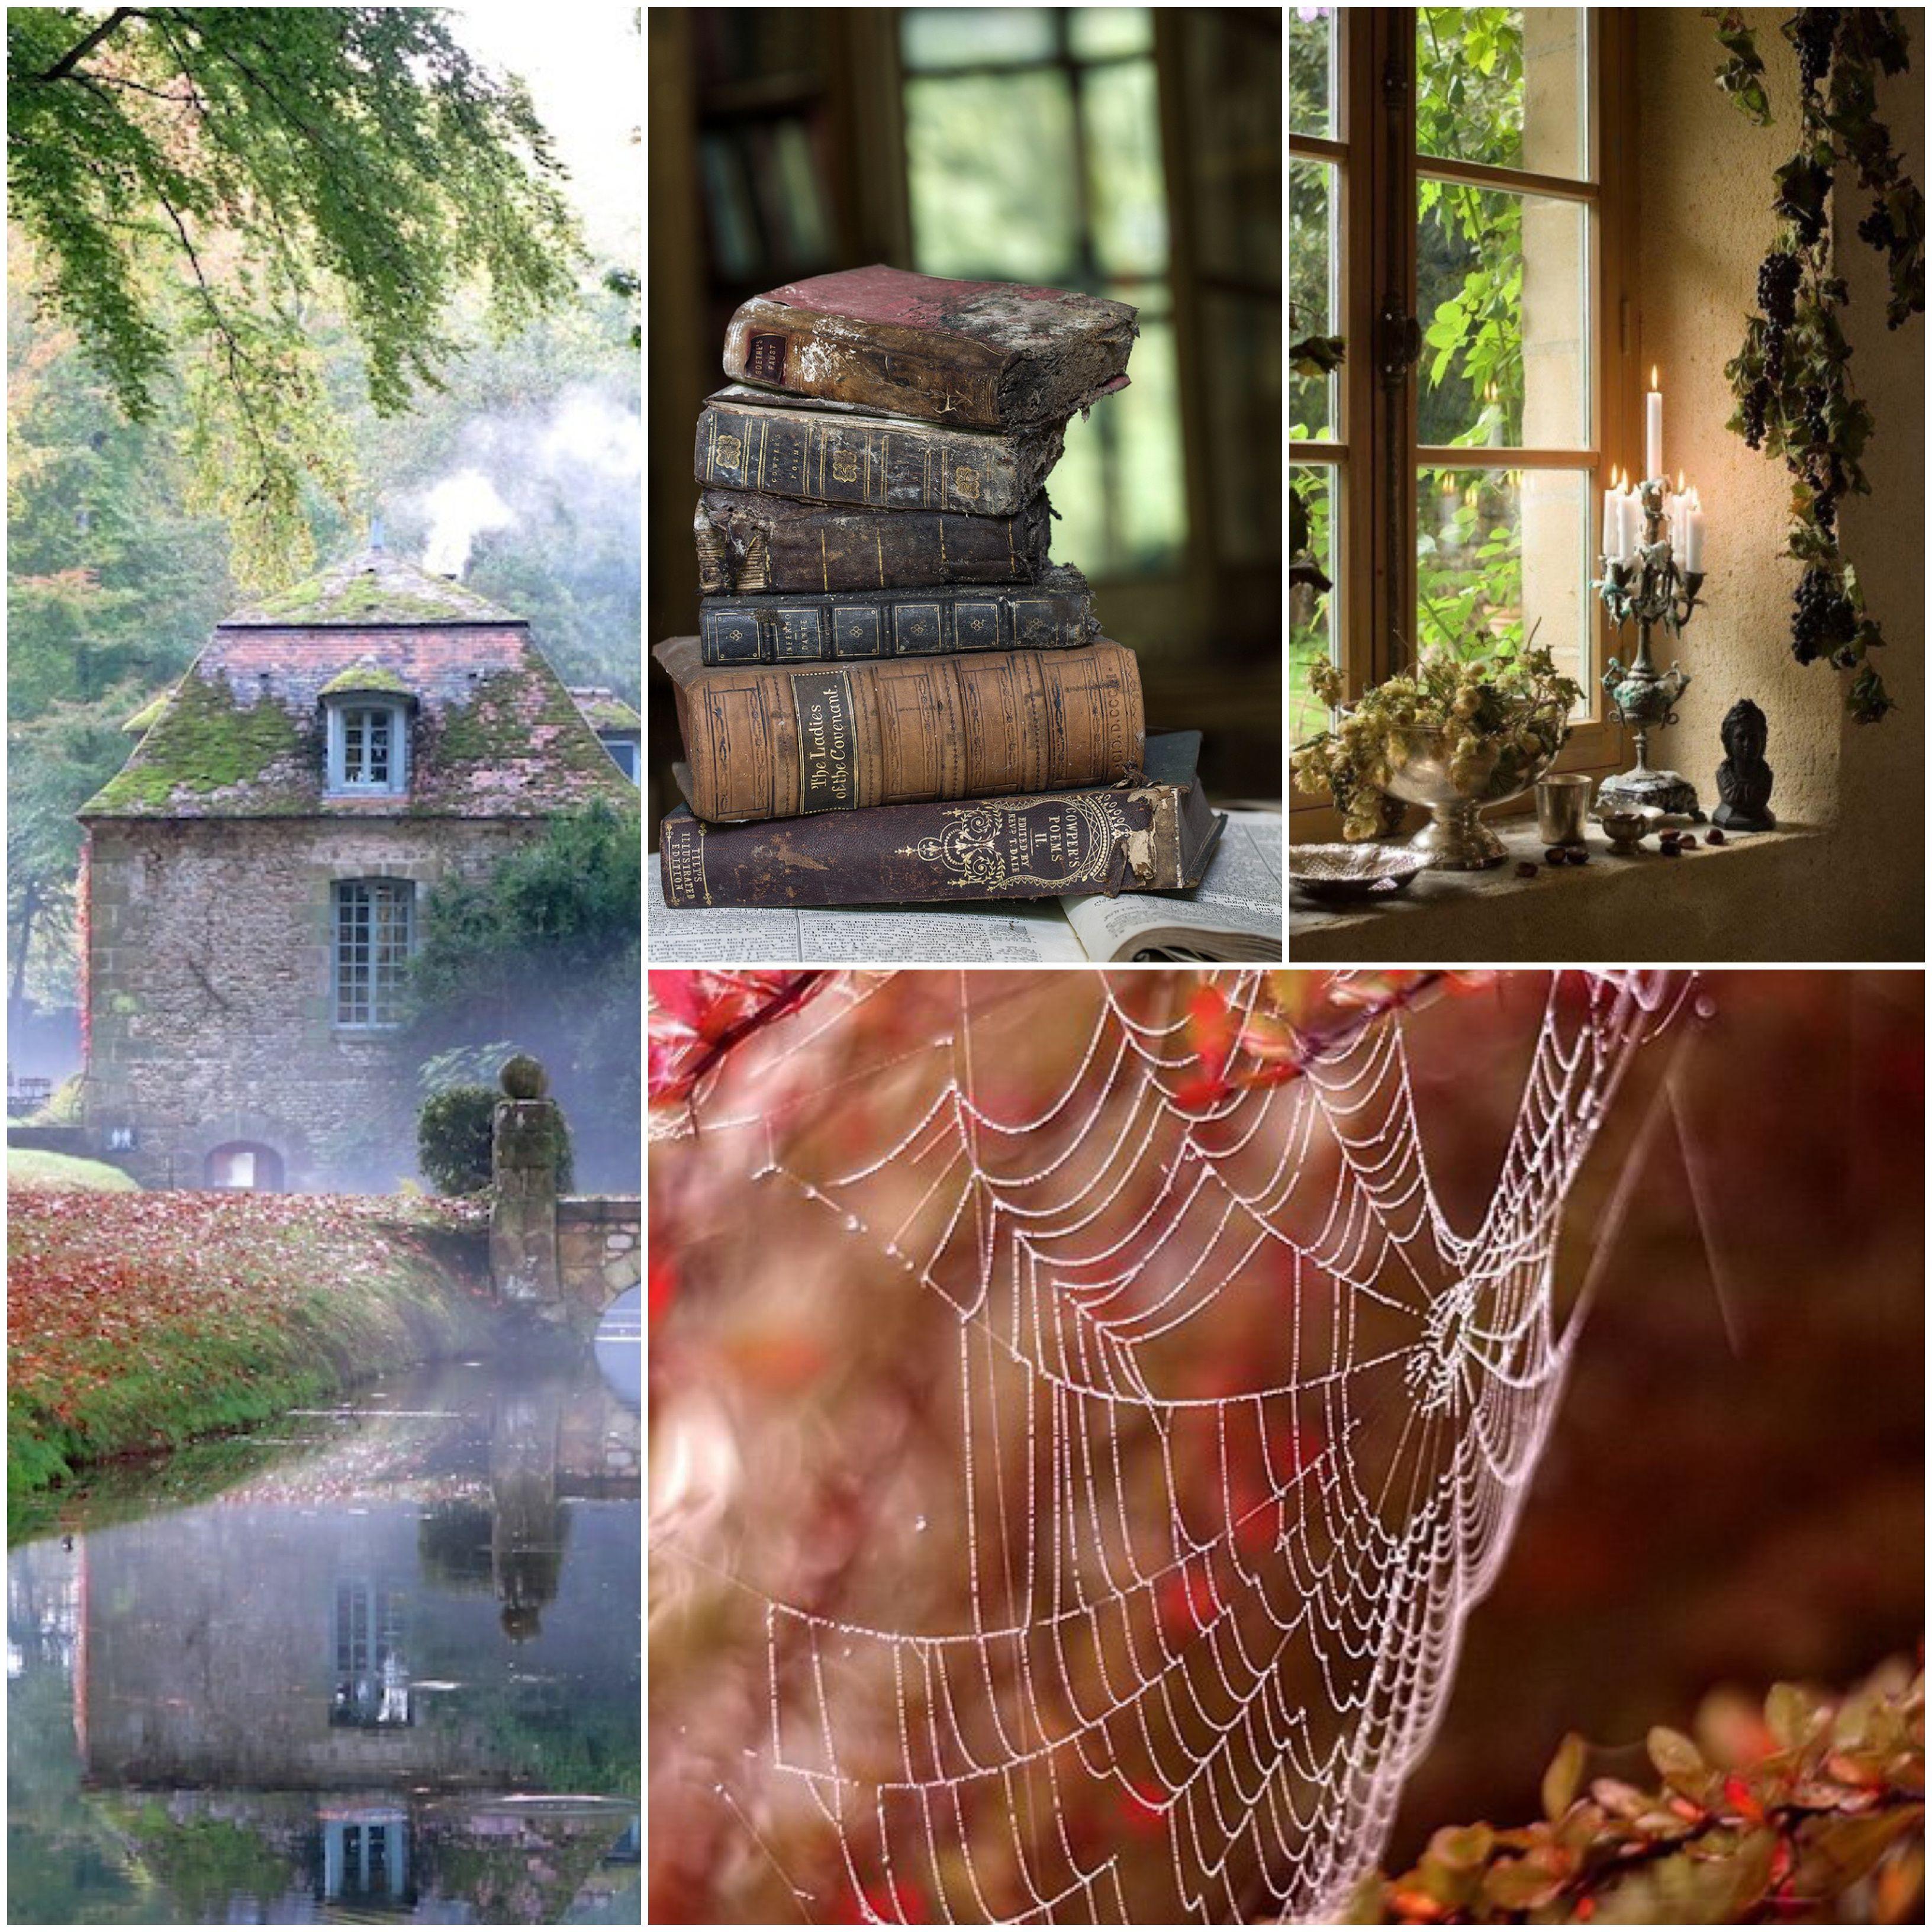 Mattino d'autunno  Che dolcezza infantile nella mattinata tranquilla! C'è il sole tra le foglie gialle e i ragni tendono fra i rami le loro strade di seta.  ~ F. Garcia Lorca